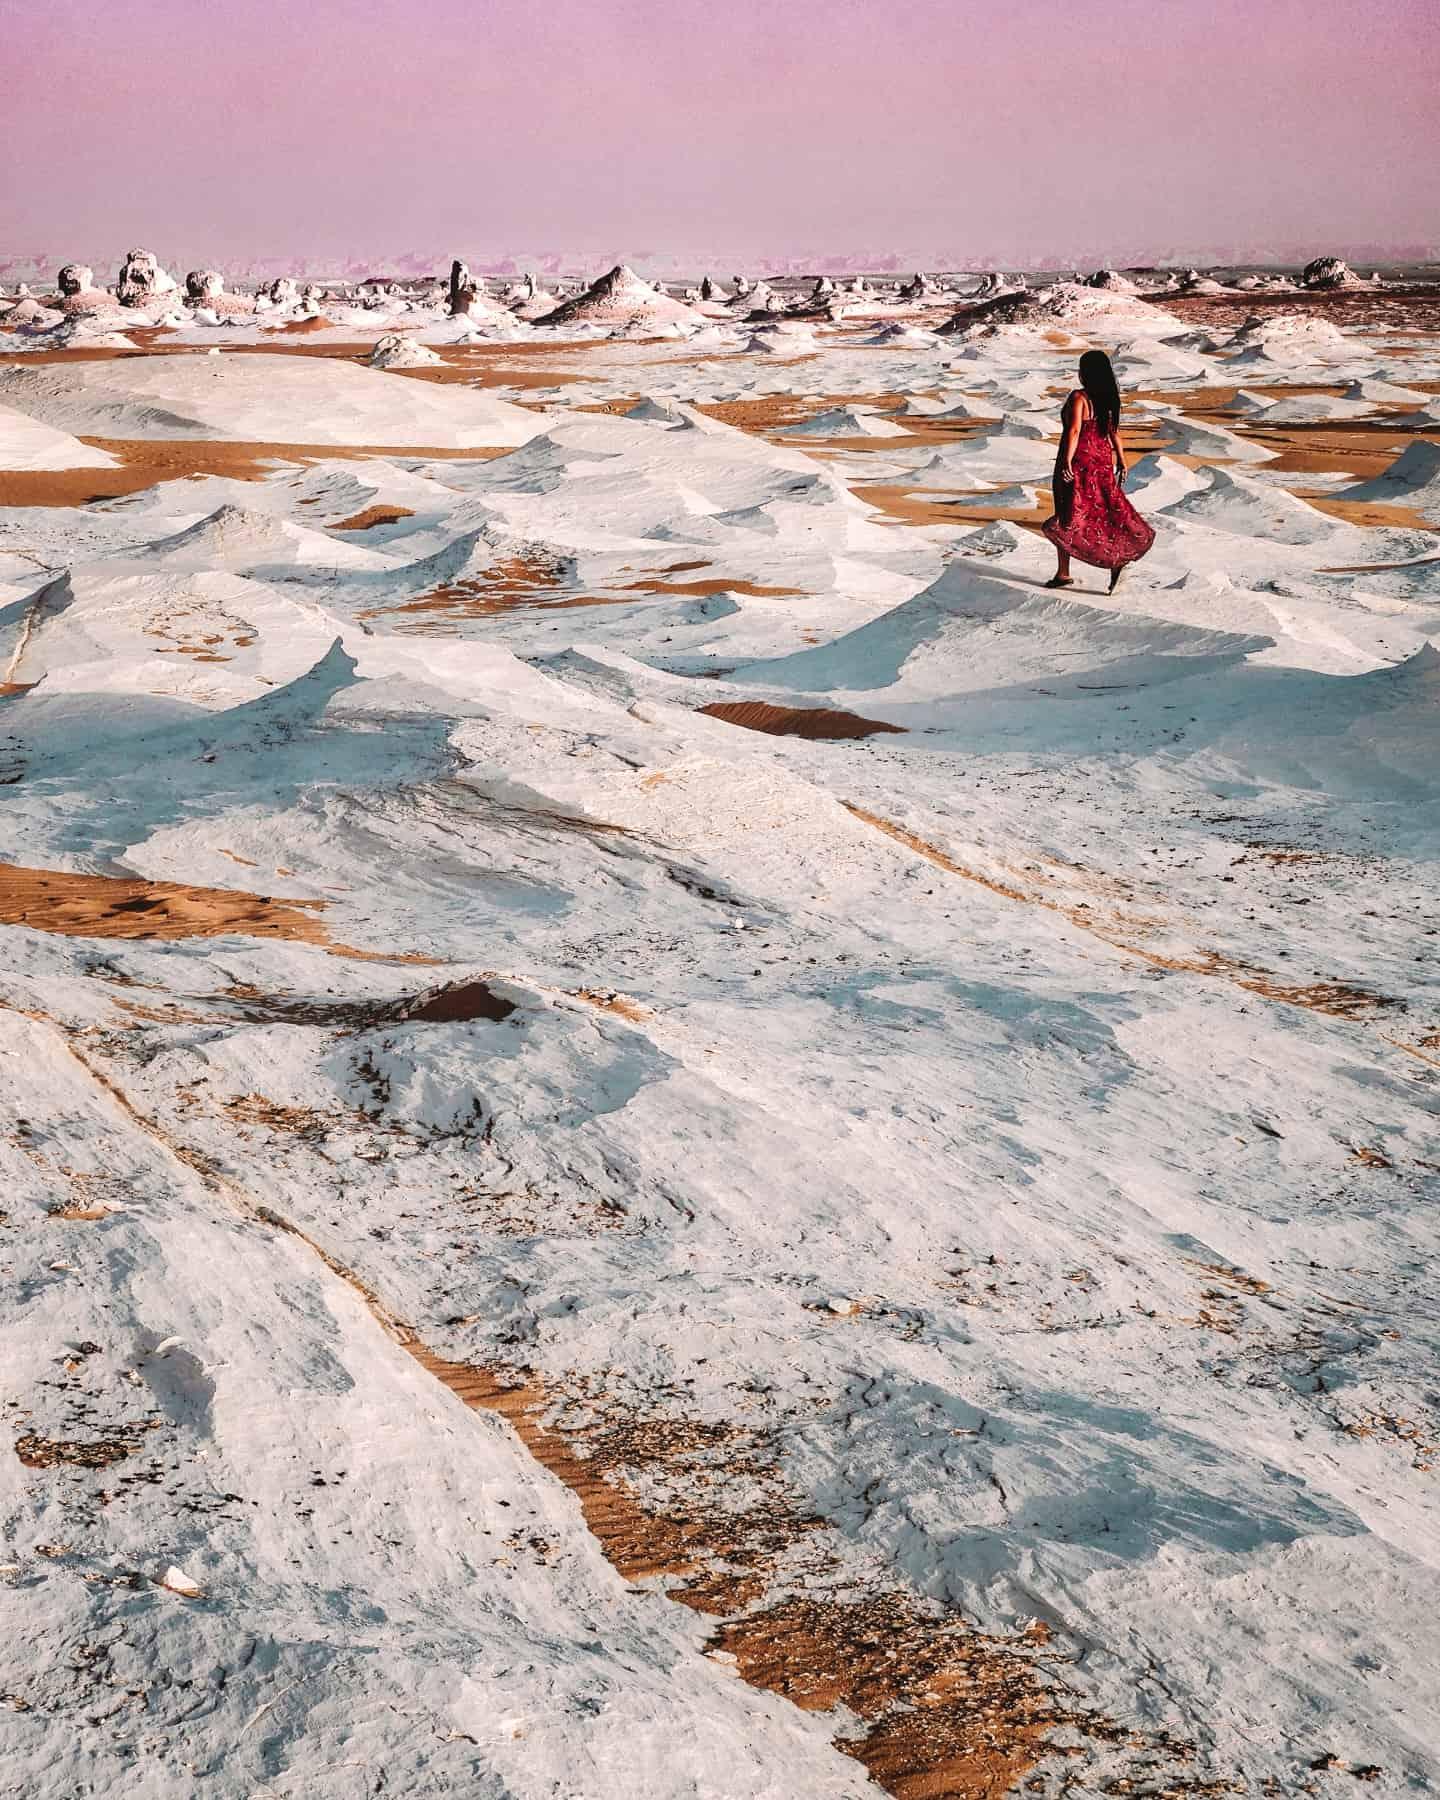 White Desert in Egypt | western desert tours egypt